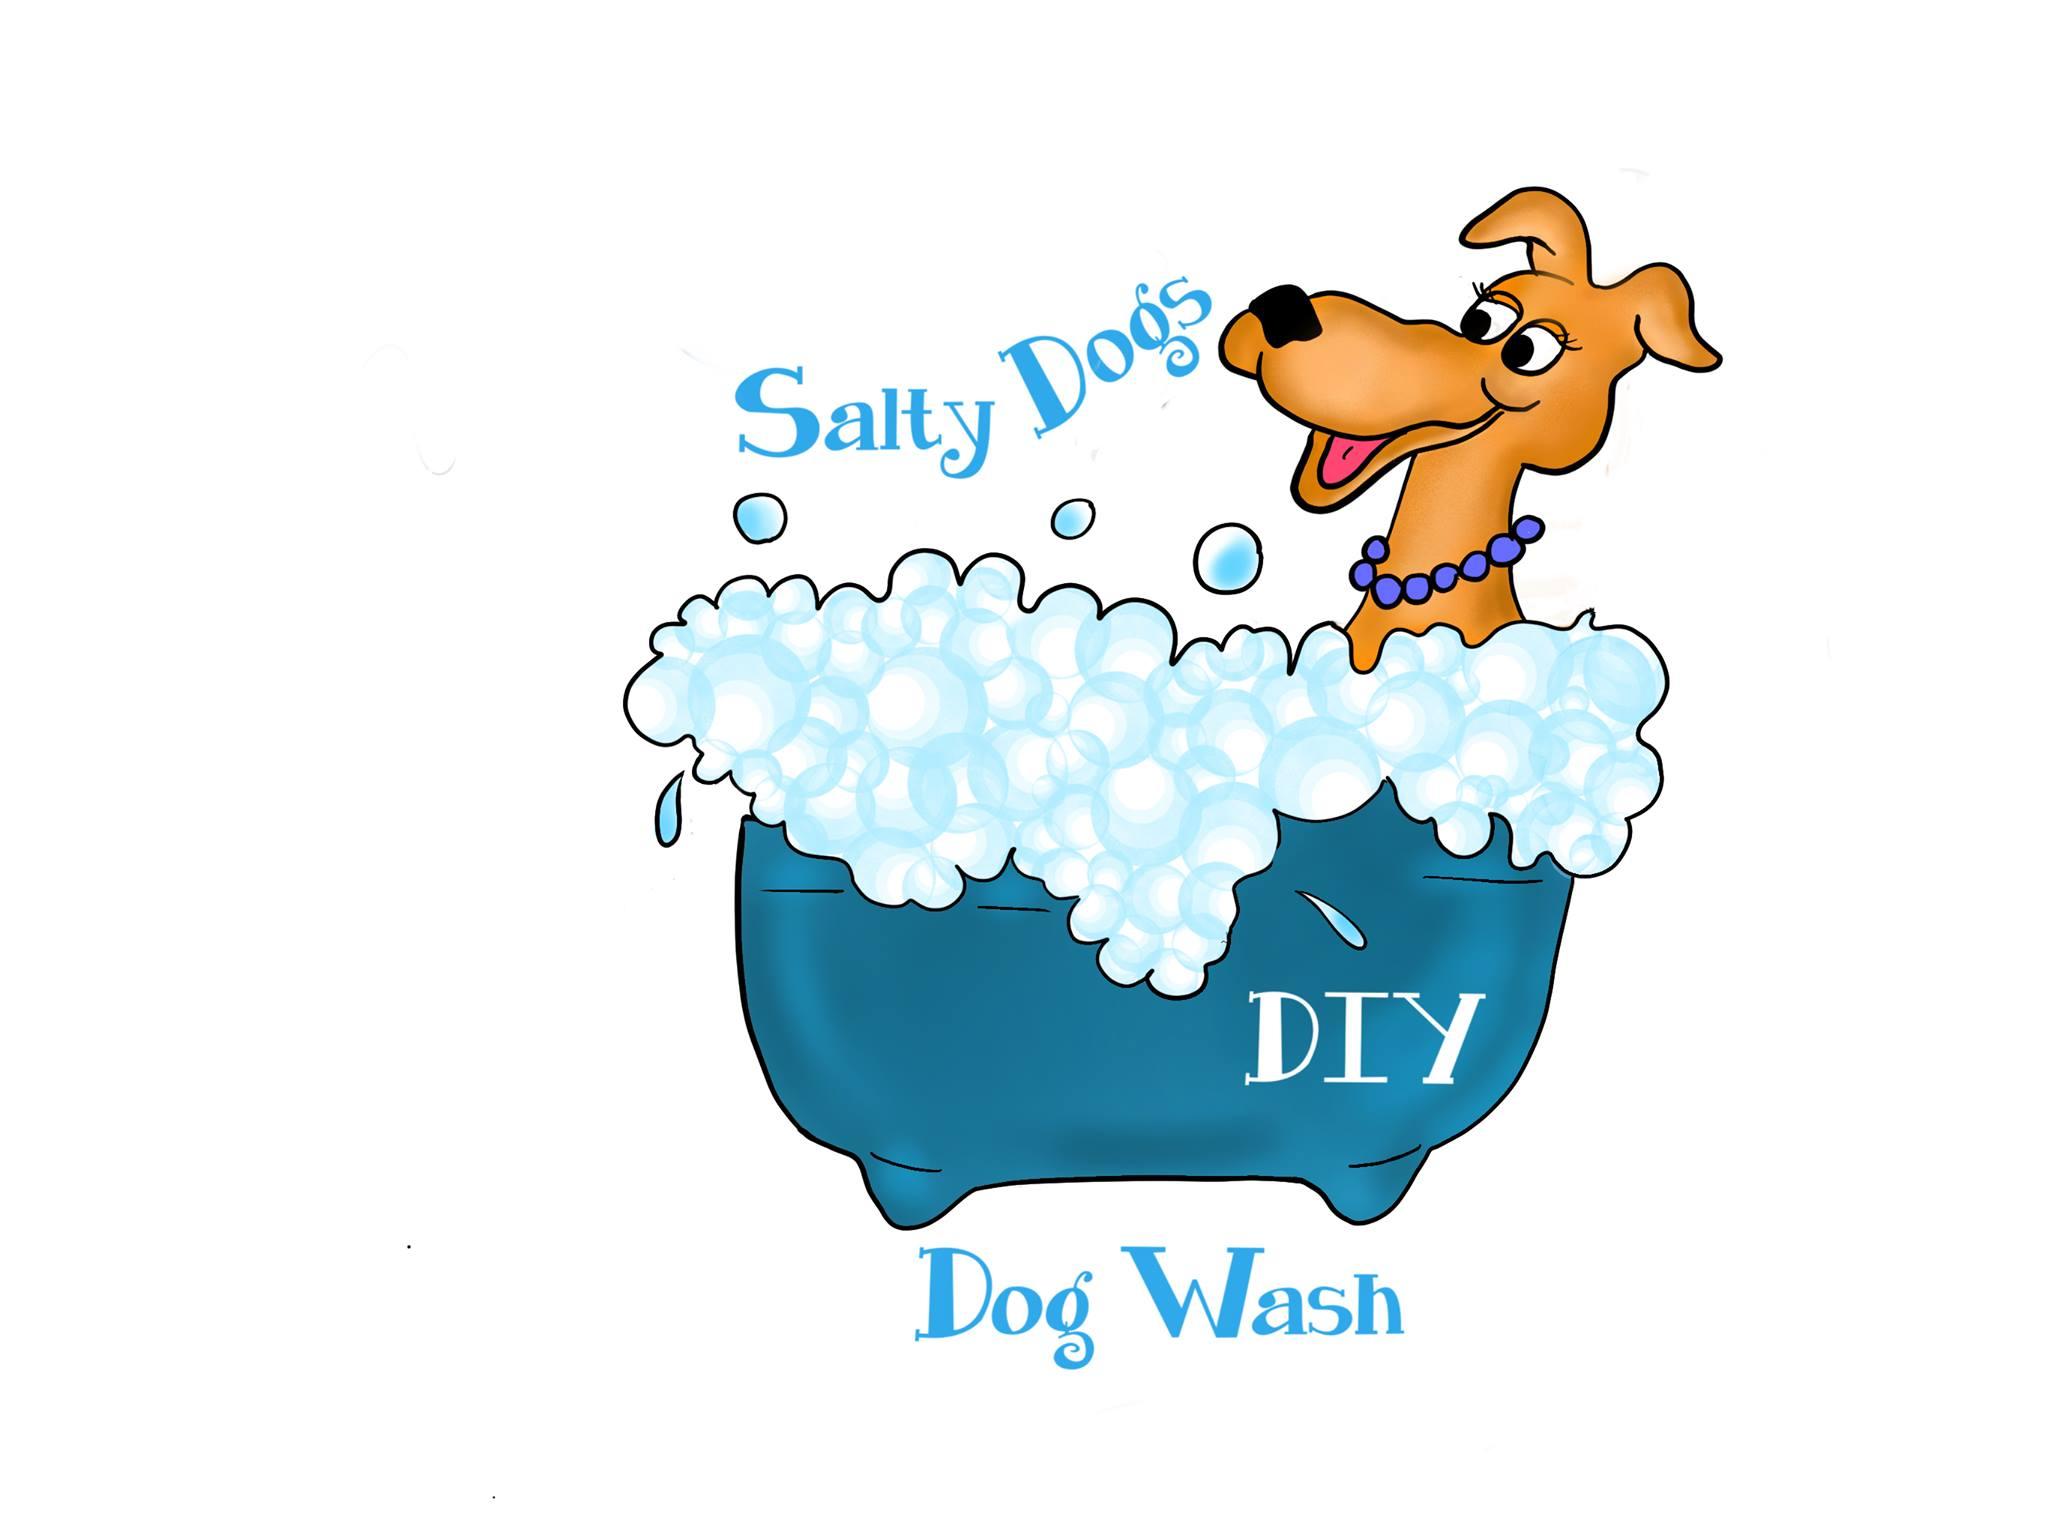 salty dog wash diy